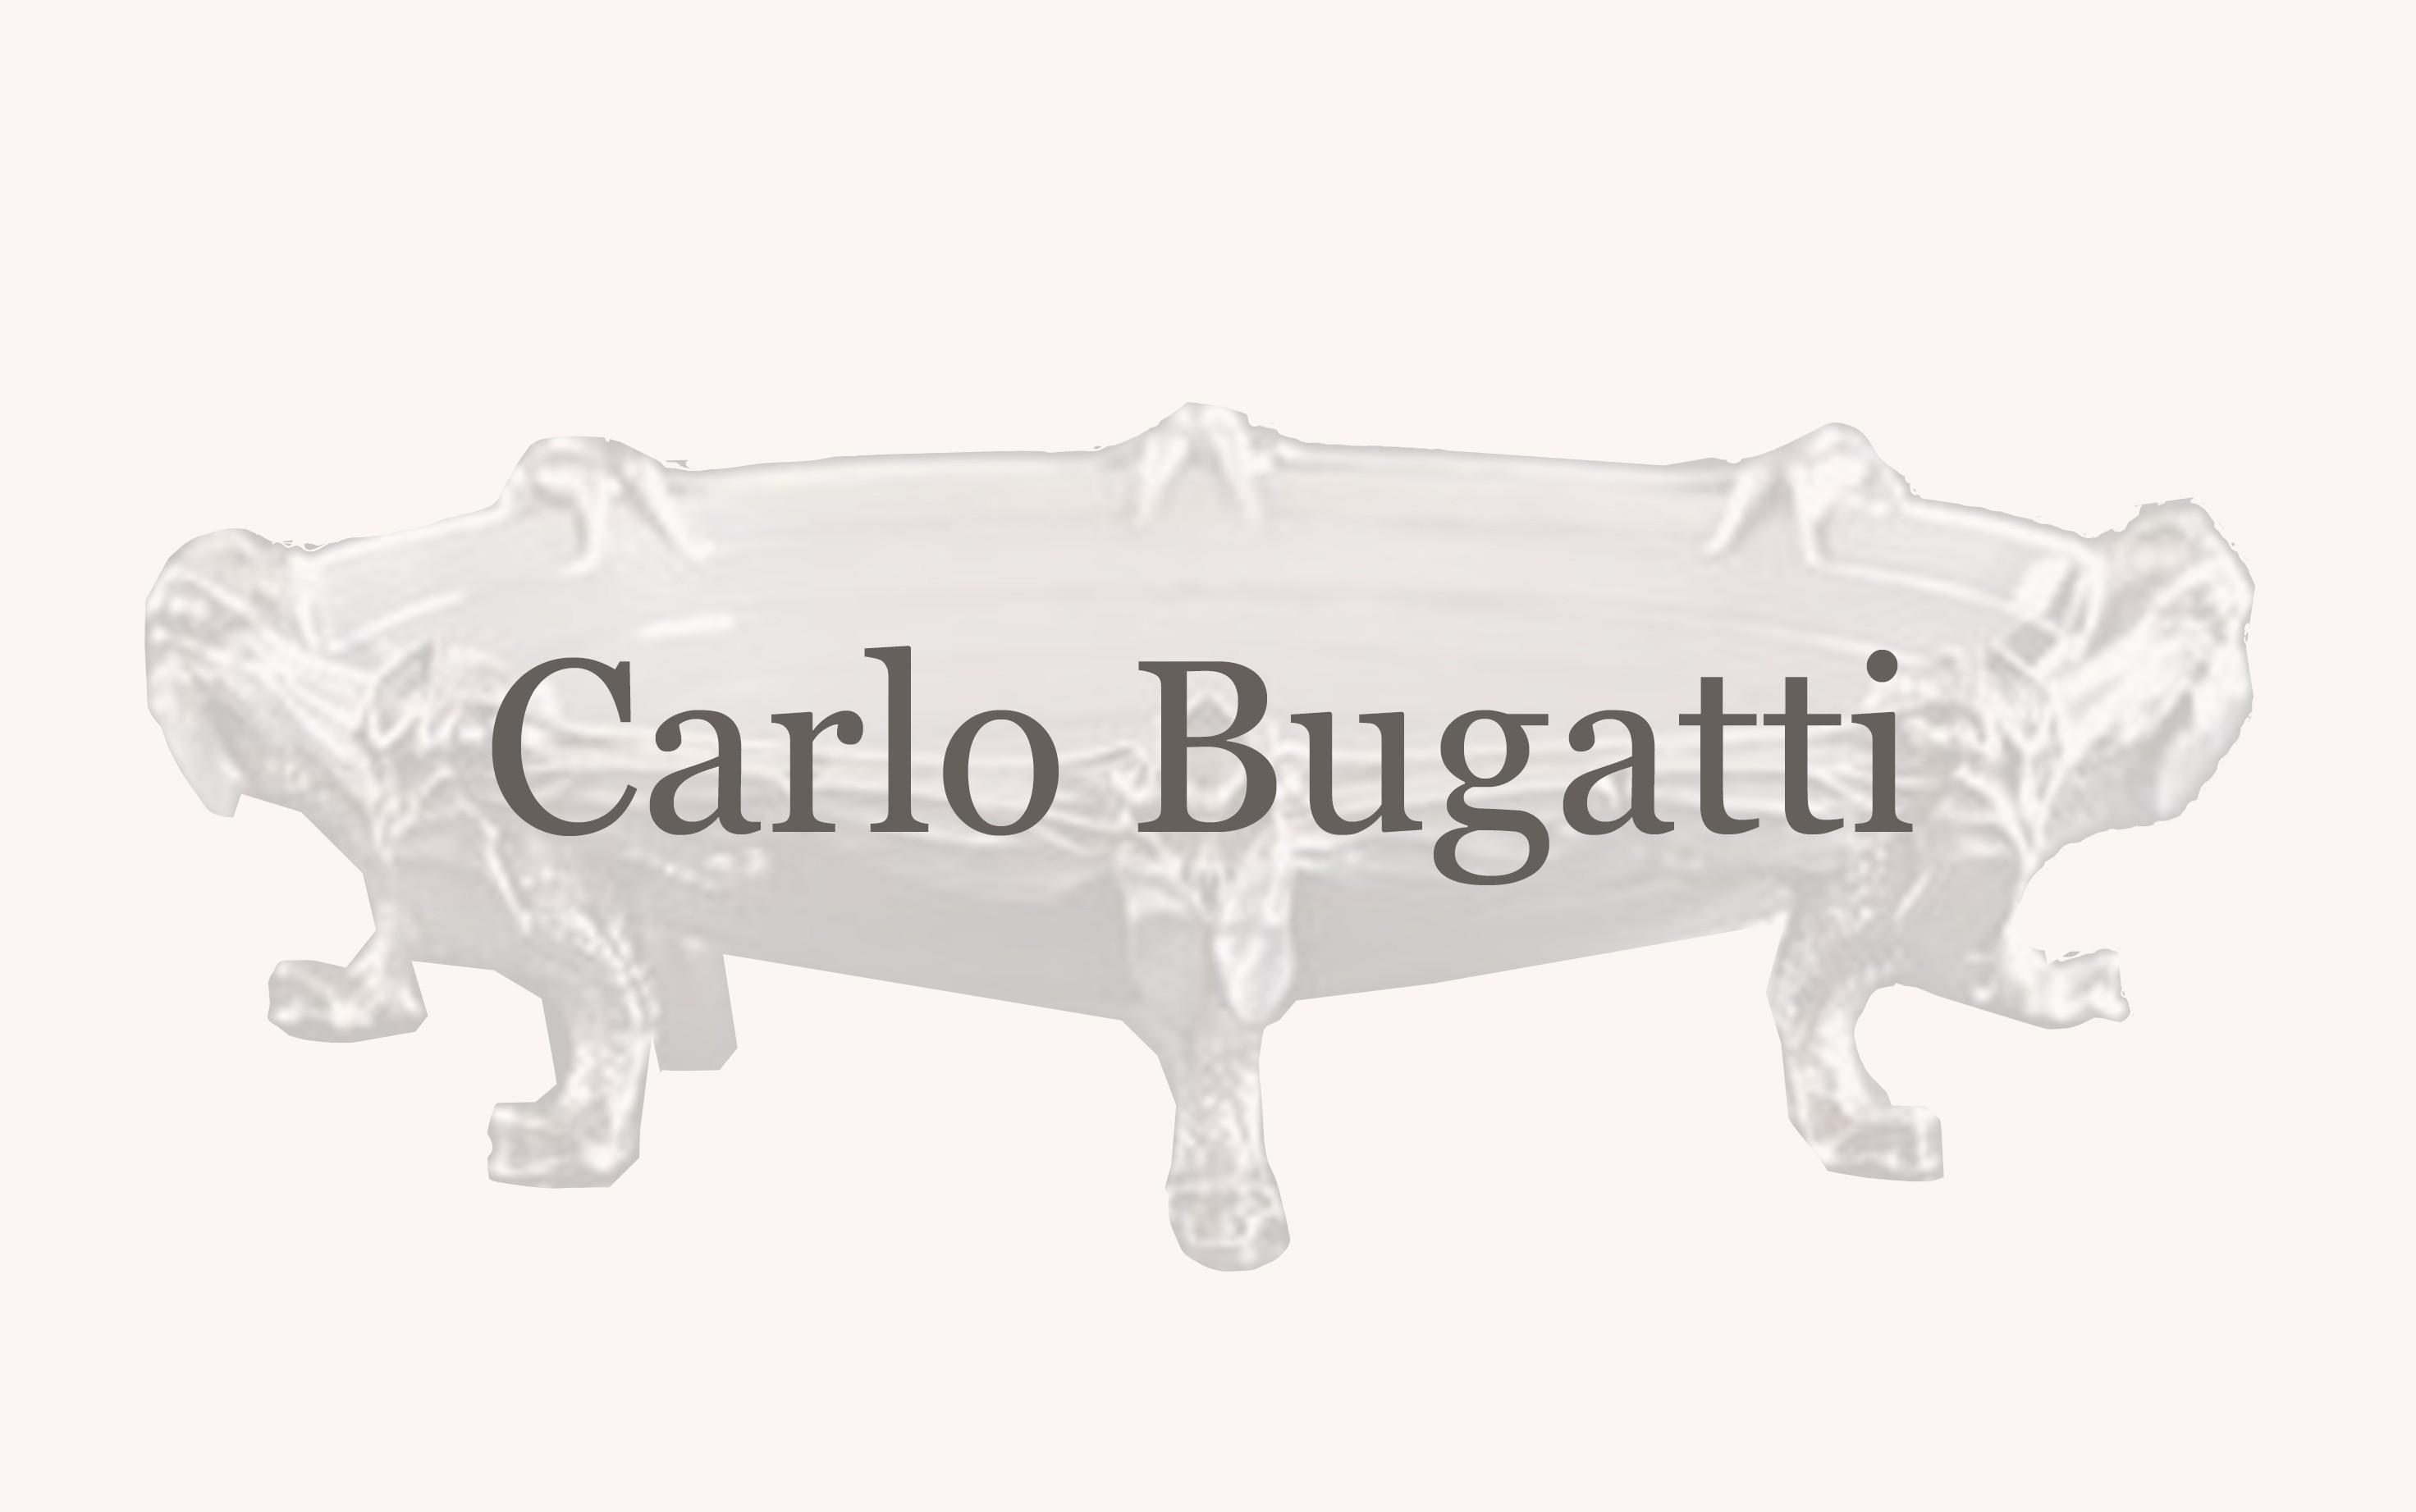 Carlo Bugatti